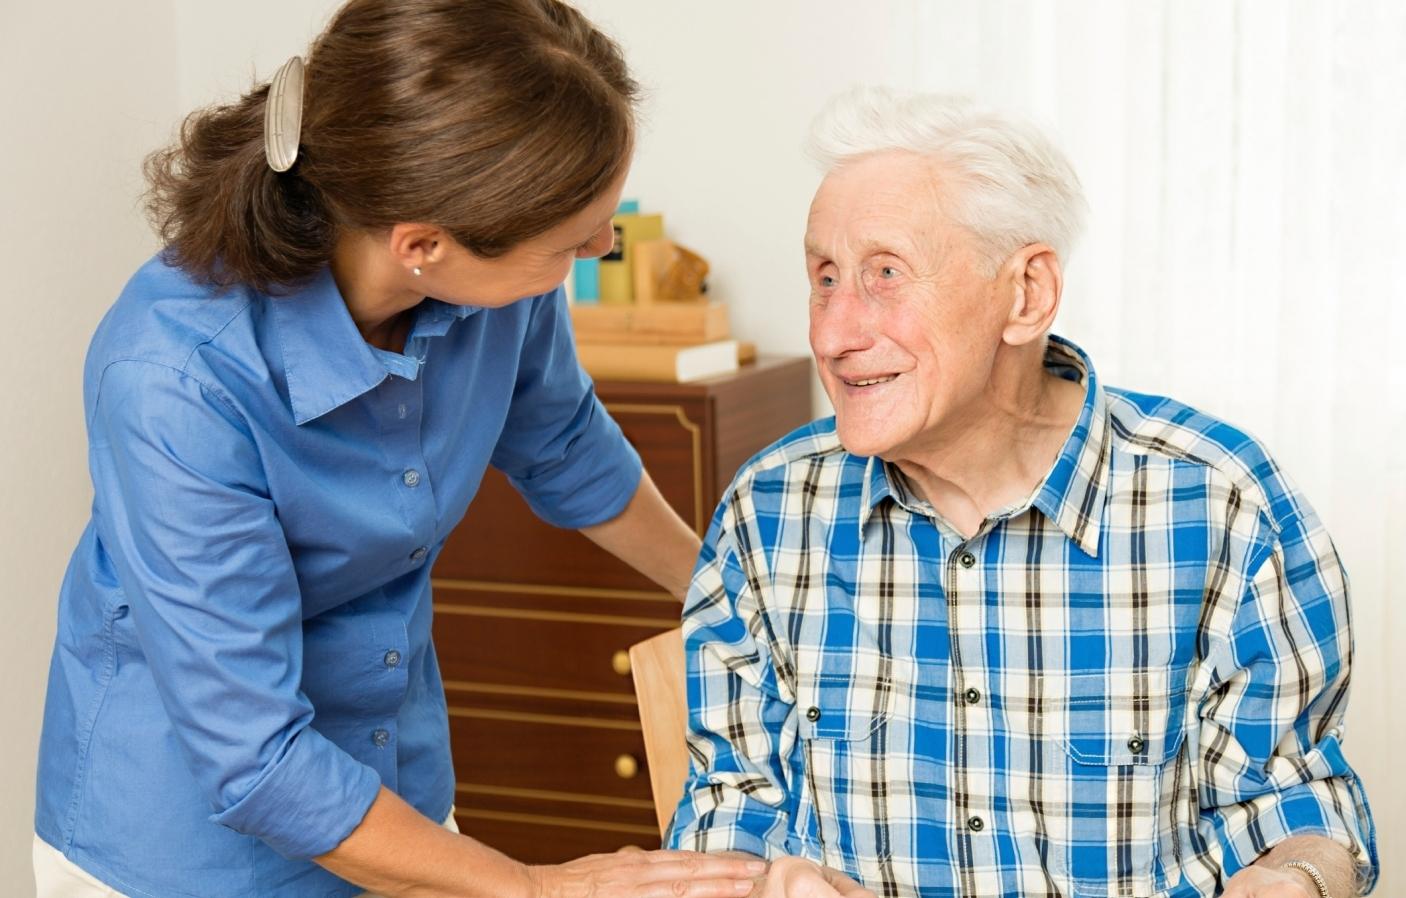 Как можно оформить опекунство над пожилым человеком